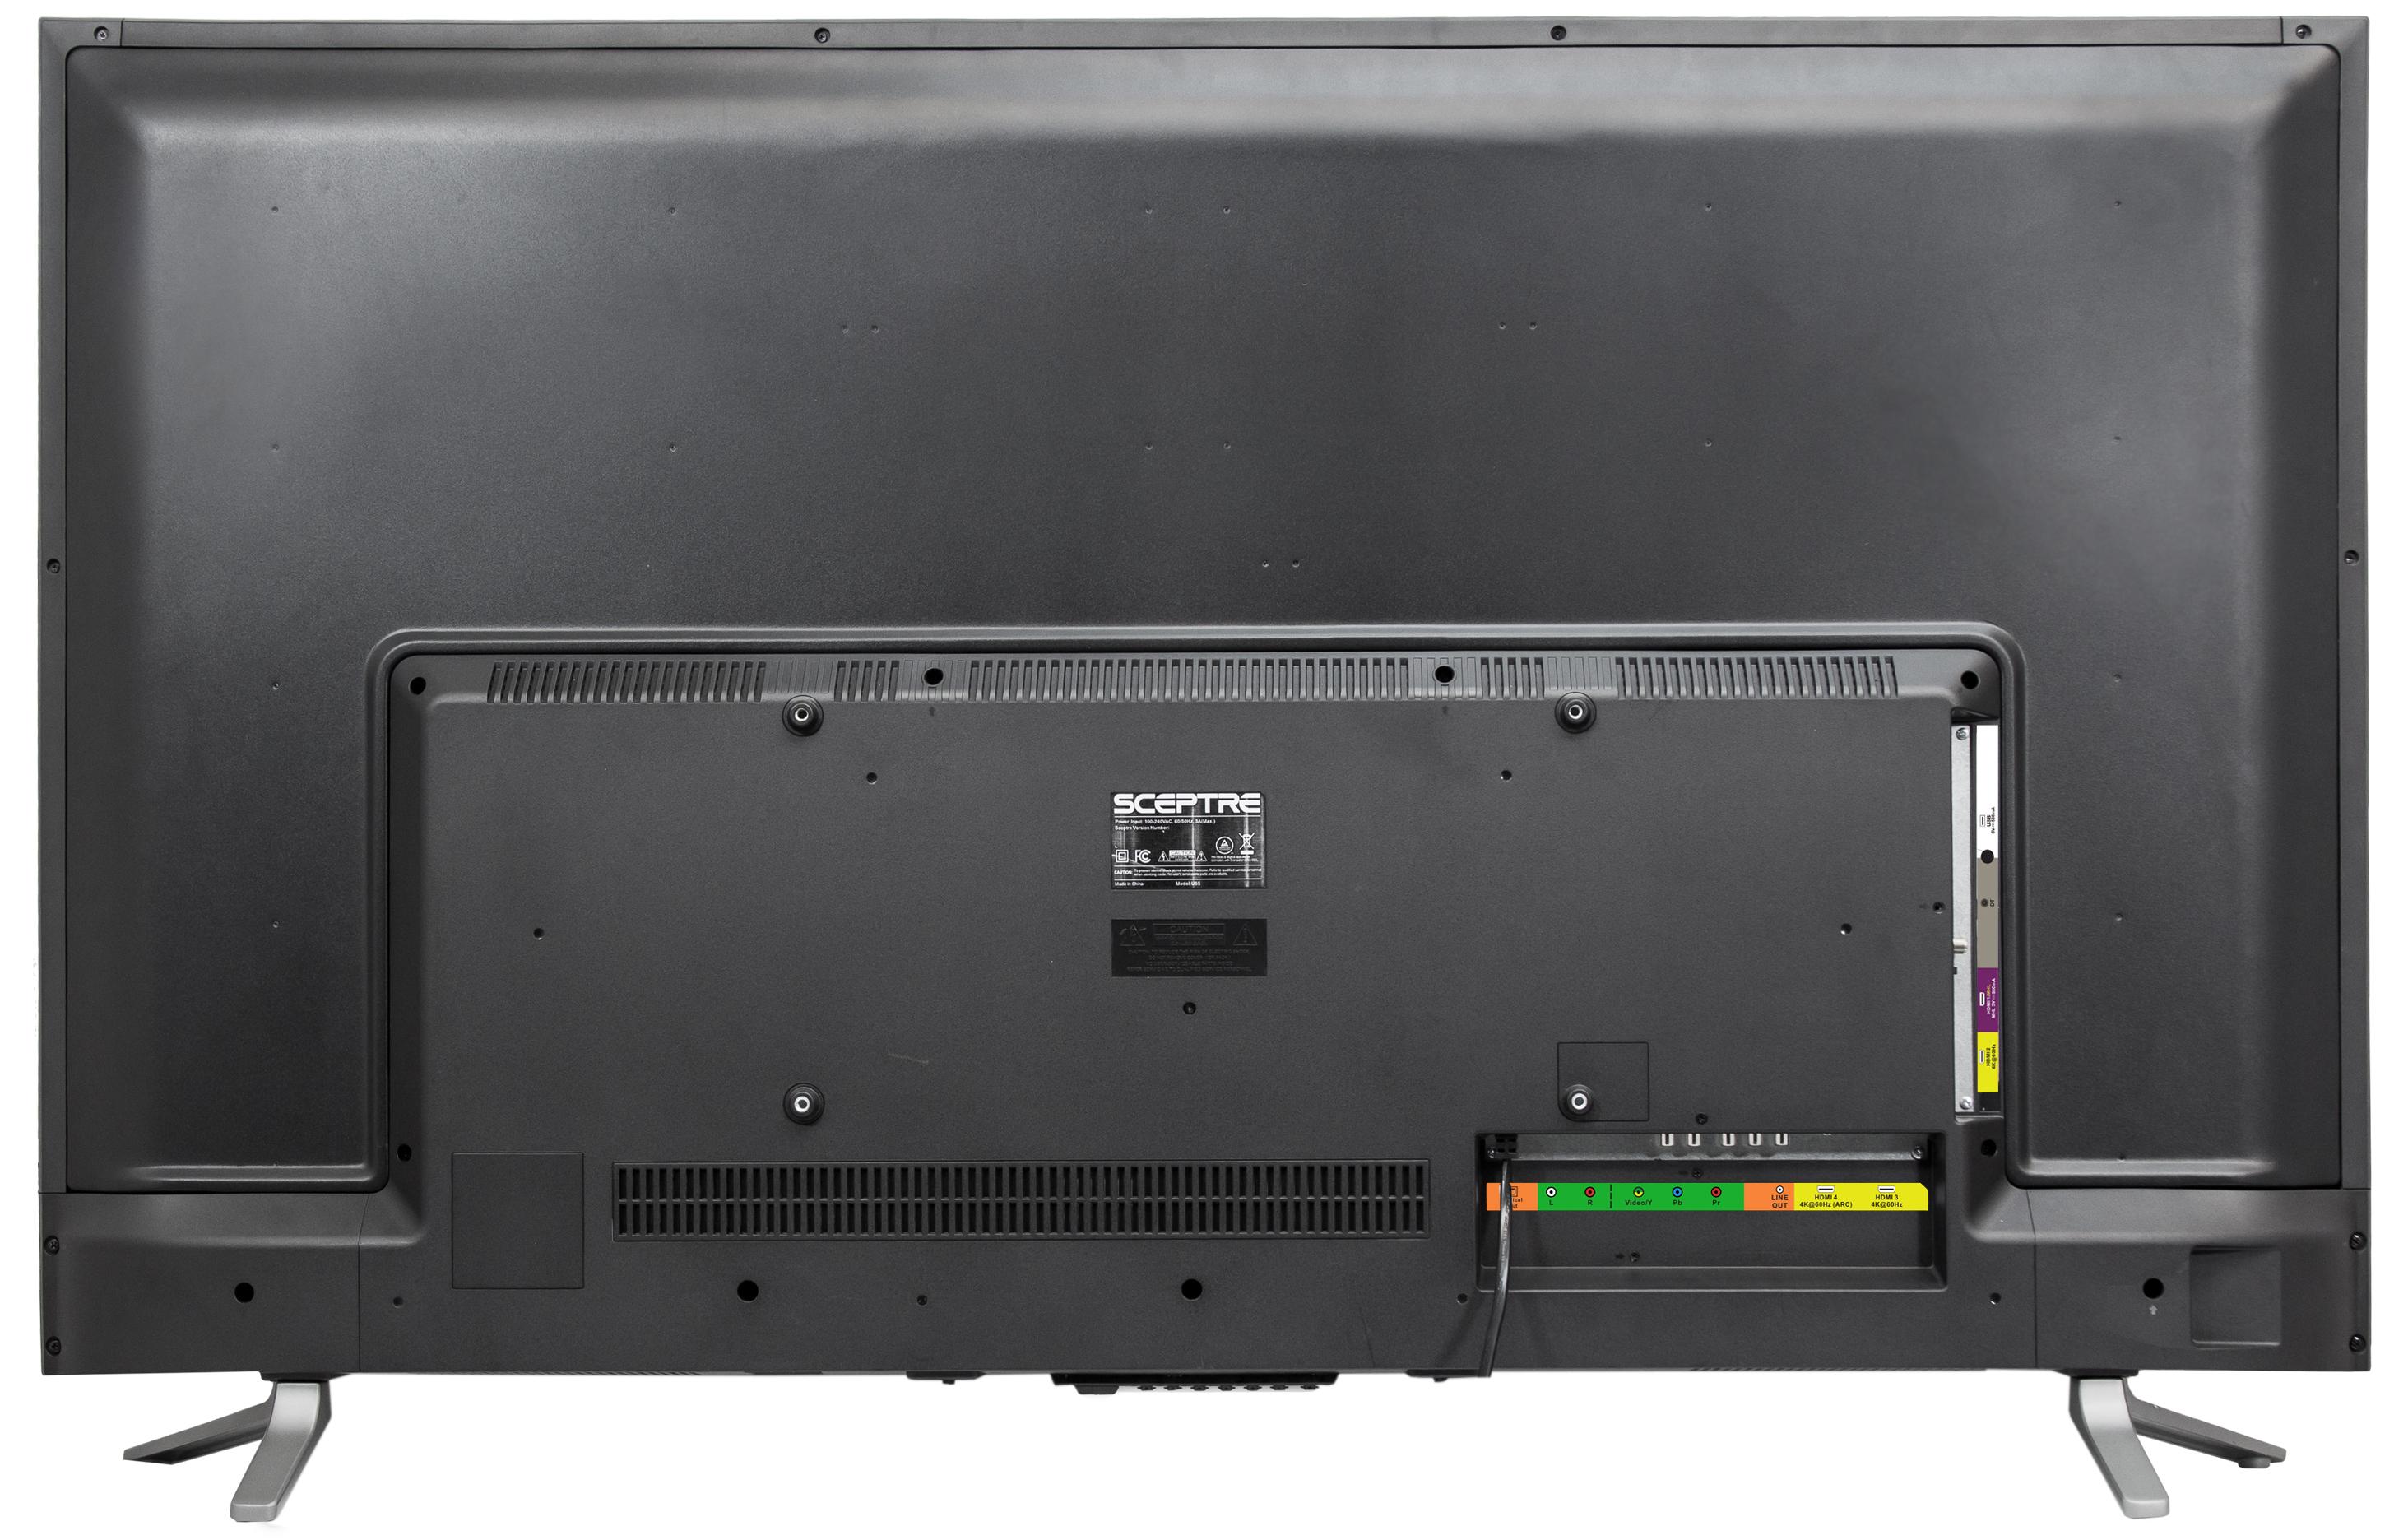 """Sceptre 55"""" Class 4K Ultra HD (2160P) LED TV (U550CV-U) $219 REG. $399 ON WALMART"""